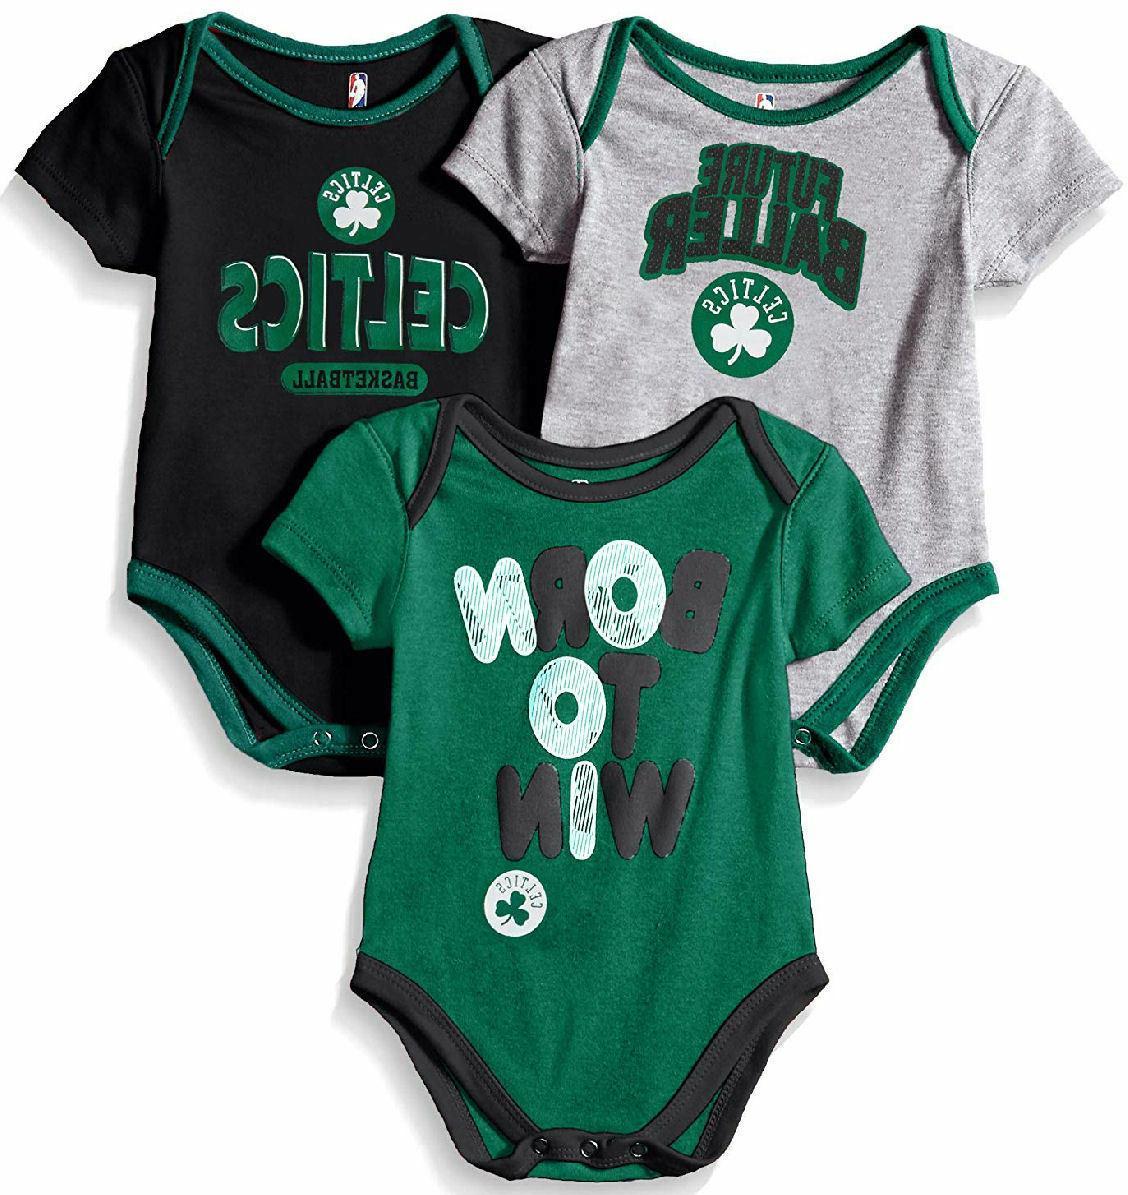 boston celtics infant and toddler little fan